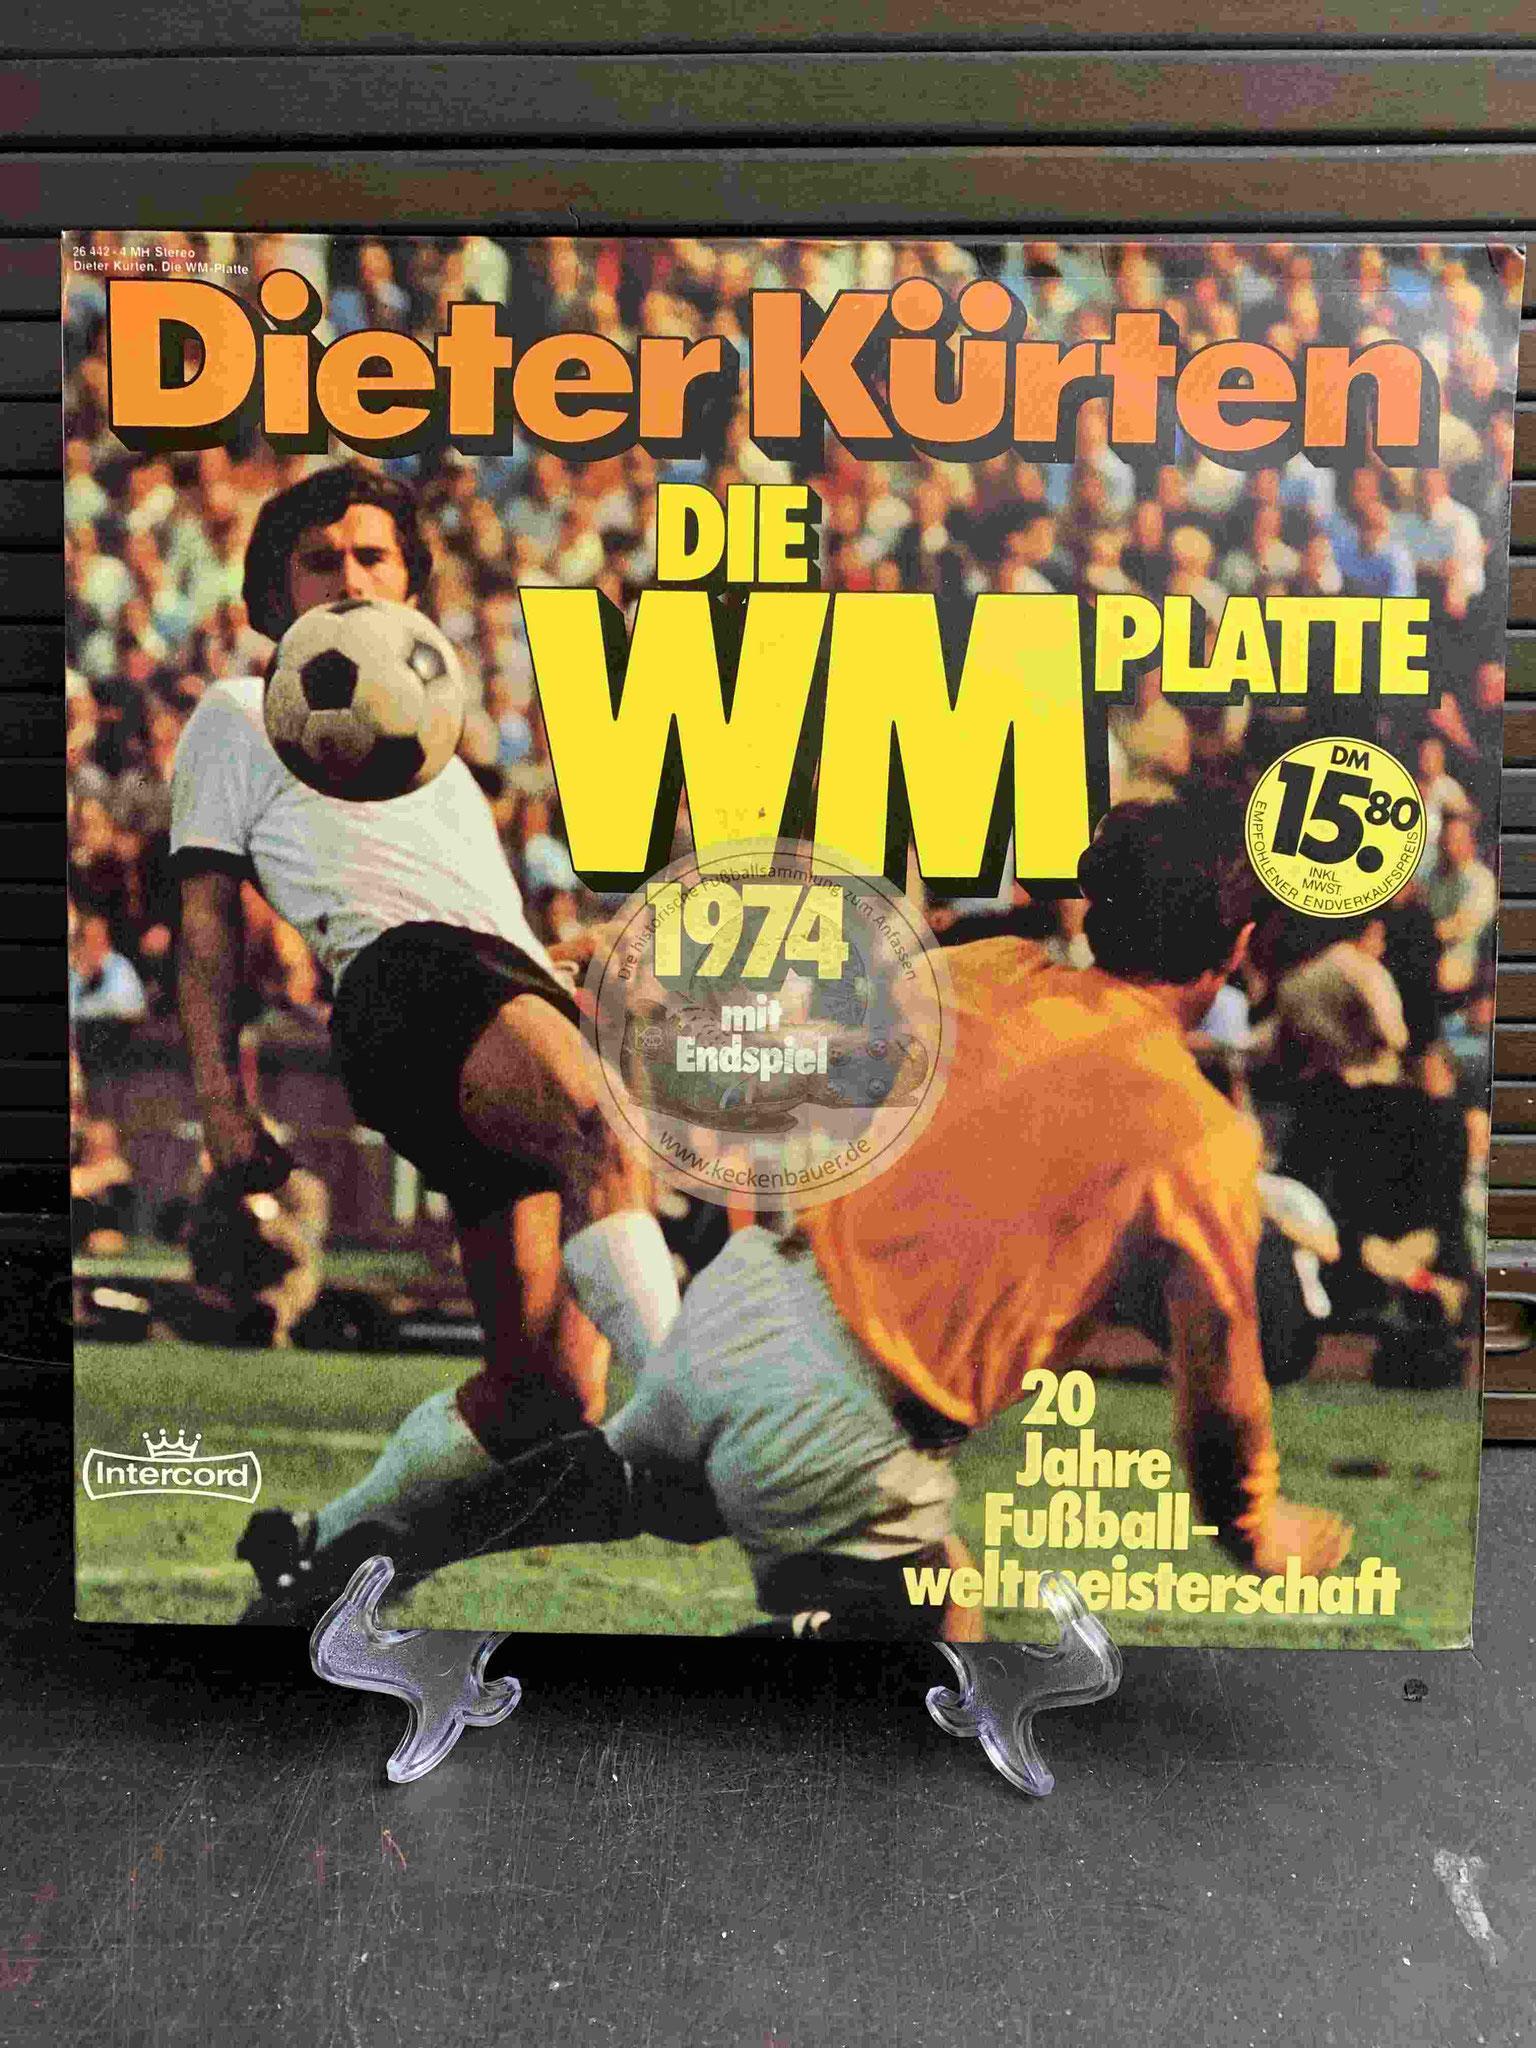 1974 Dieter Kürten Die WM Platte 1974